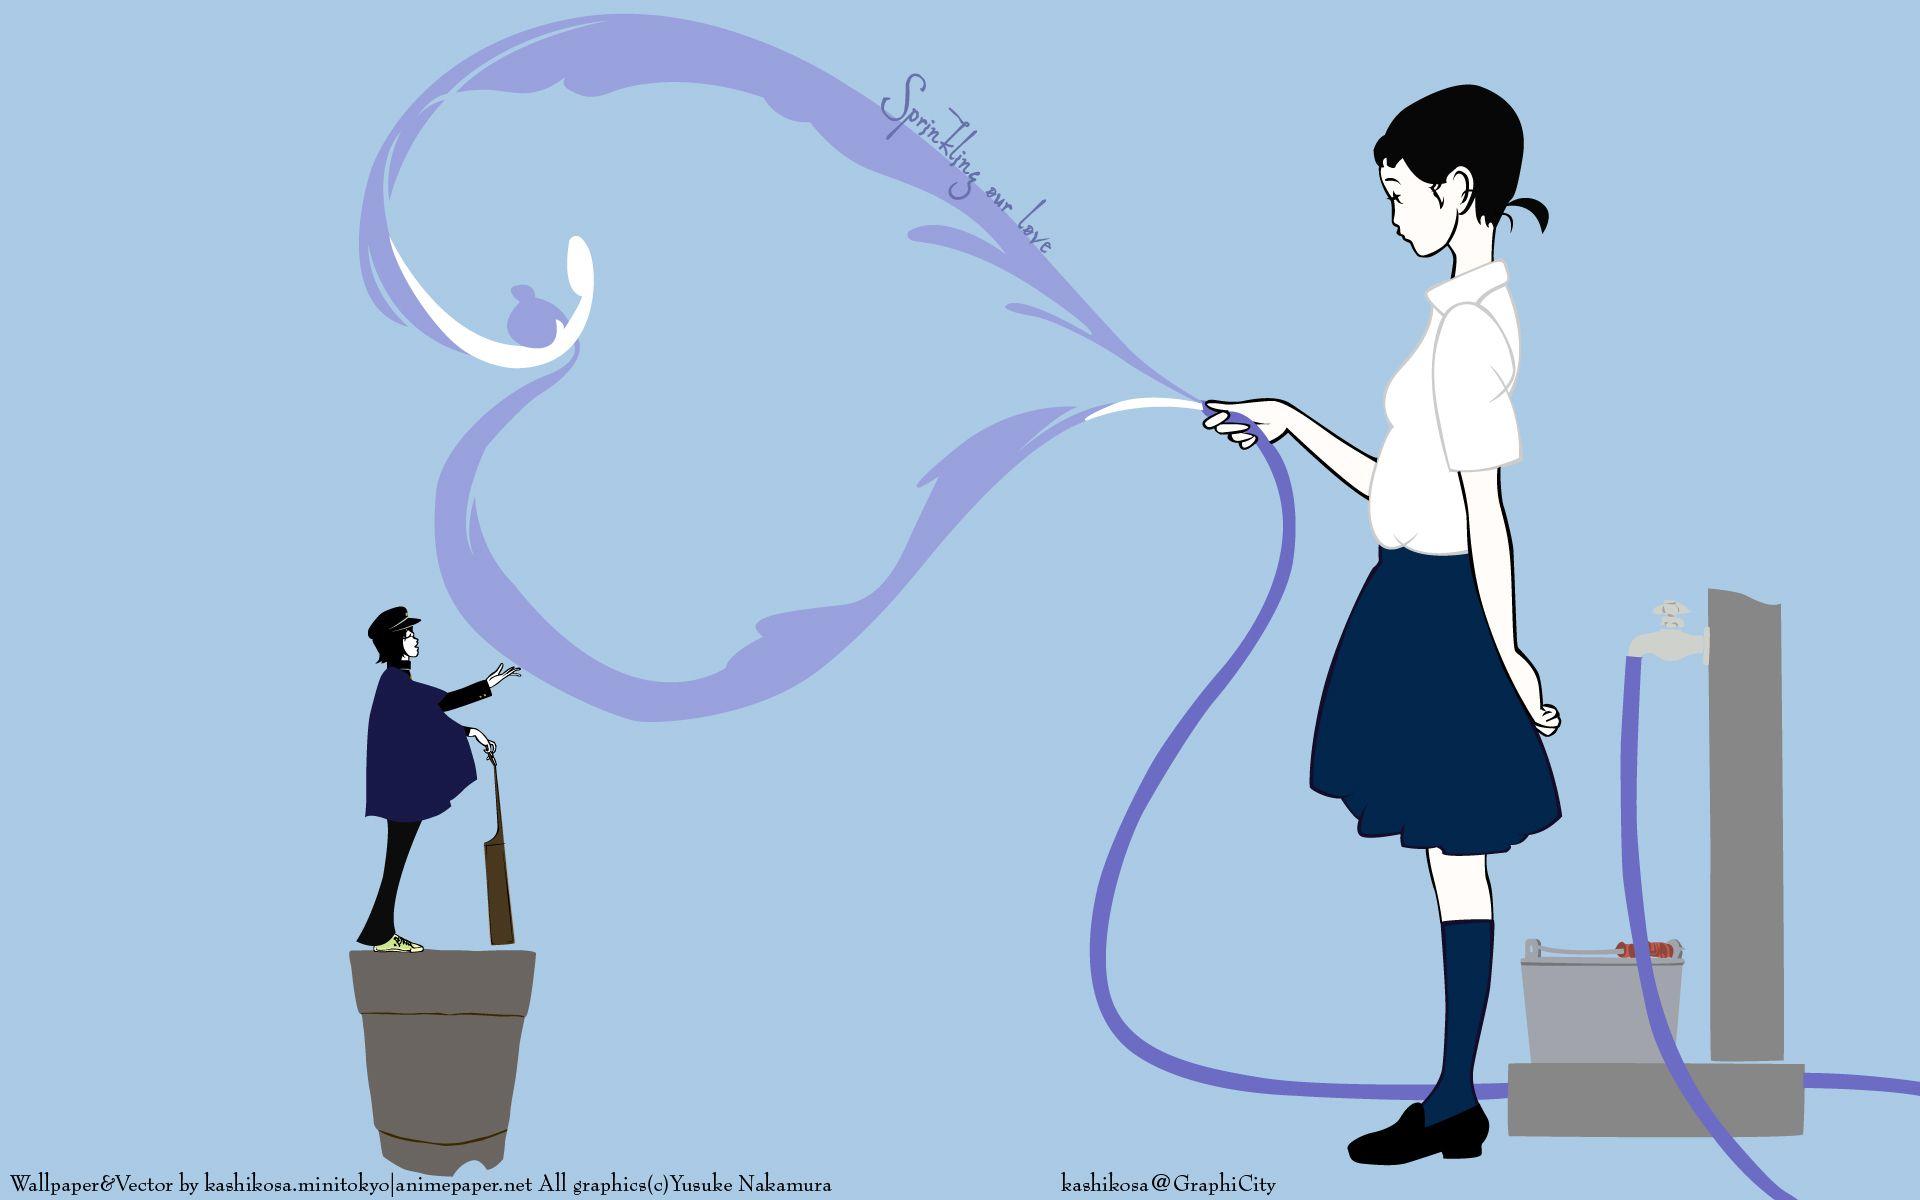 Download Yusuke Nakamura Wallpaper Love Needs Water 19x10 イラストアート 中村佑介 中村祐介